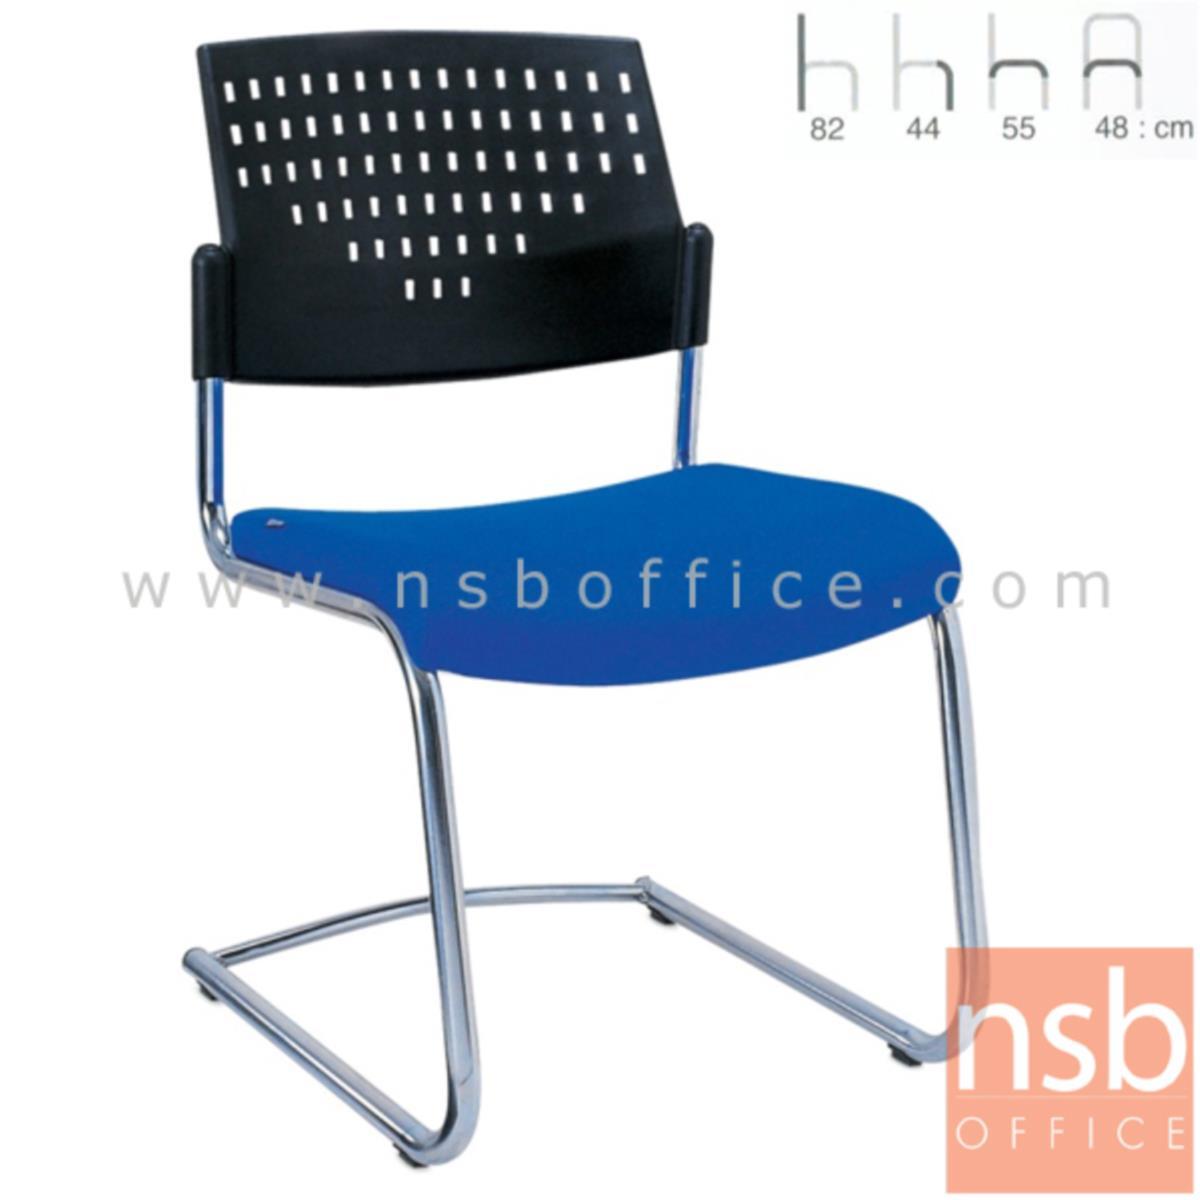 B28A046:เก้าอี้รับแขกขาตัวซีหลังเปลือกโพลี่ รุ่น Bentley (เบนท์ลีย์)  ขาเหล็กชุบโครเมี่ยม